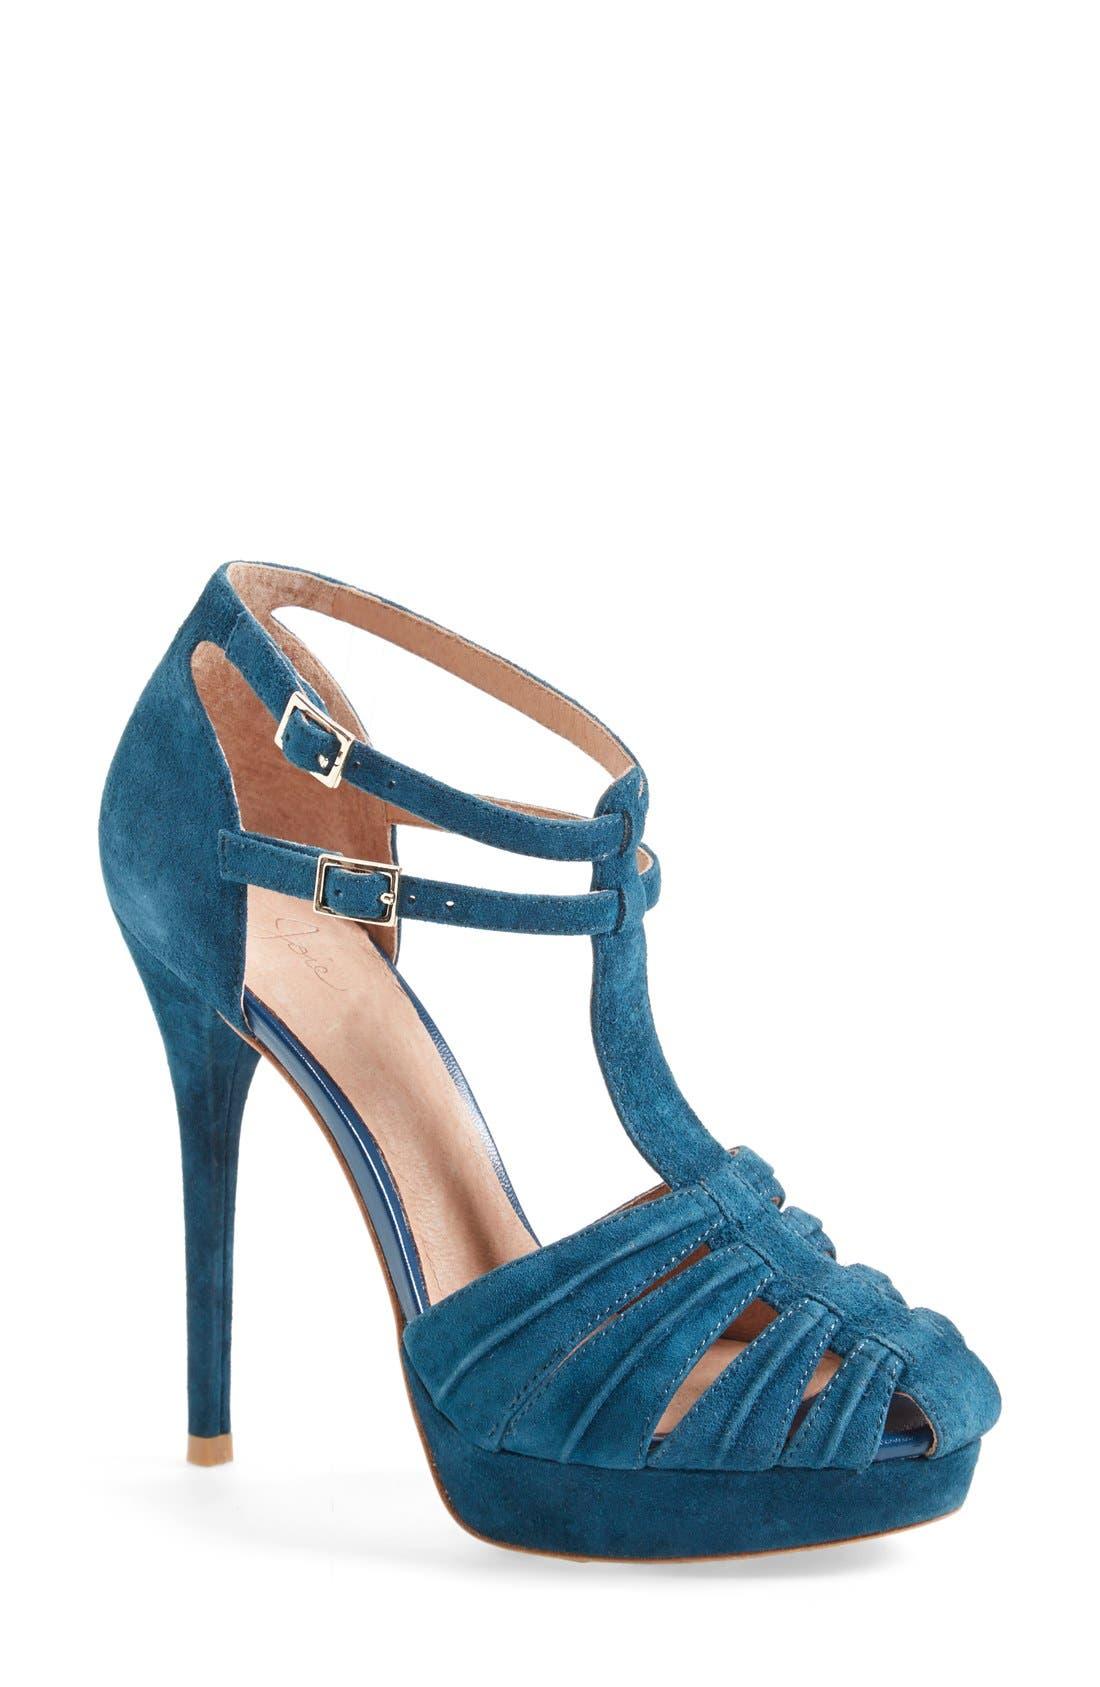 Alternate Image 1 Selected - Joie 'Rexanne' Platform Sandal (Women)